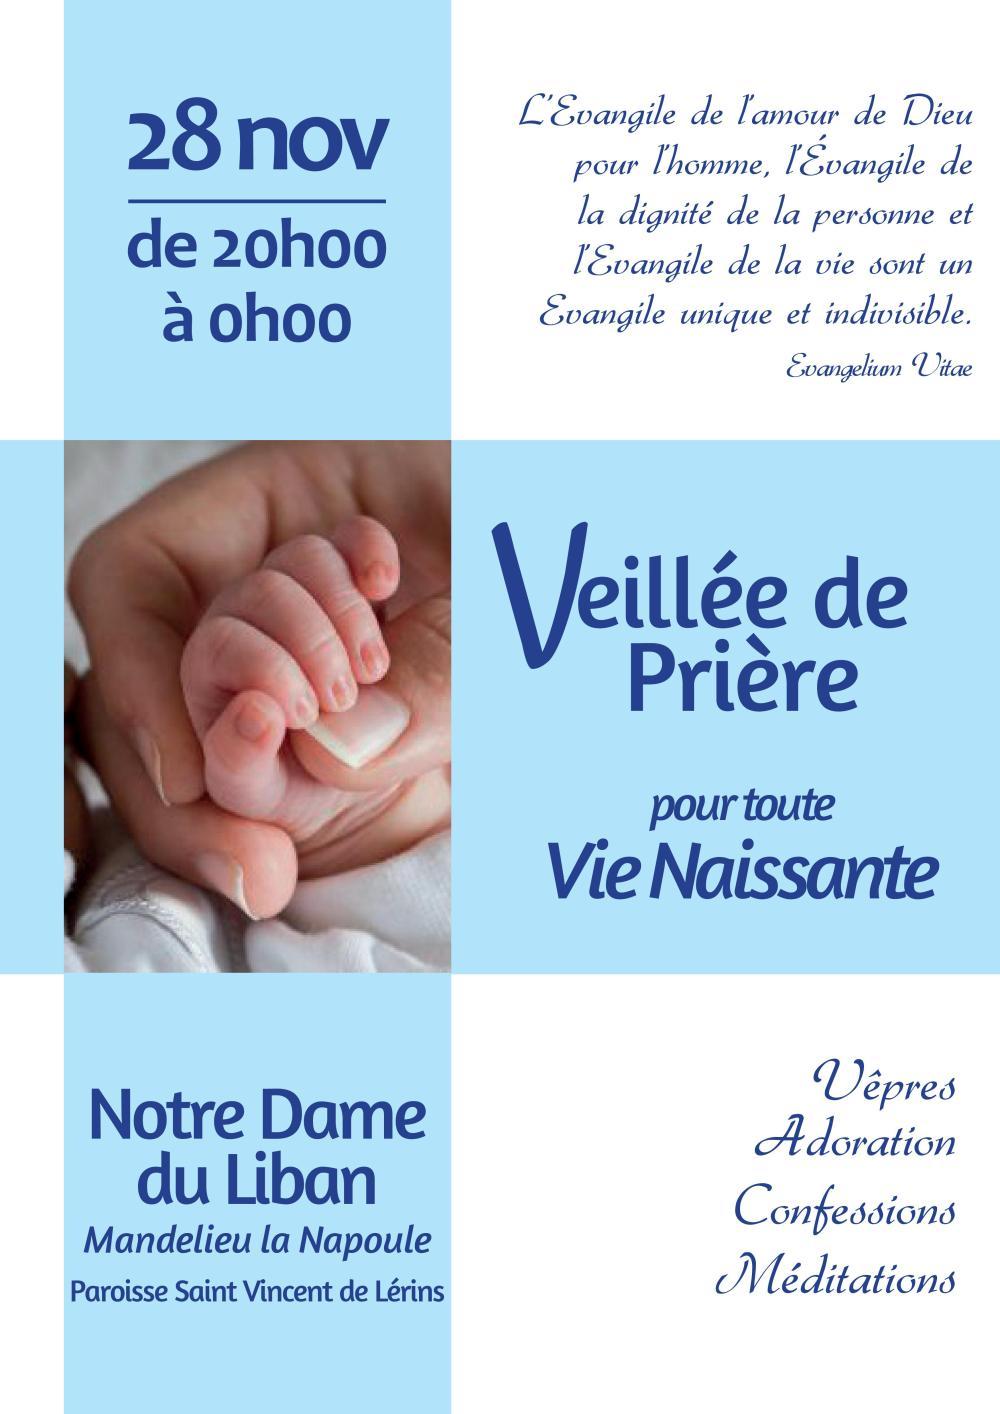 Veillée Vie 2015SVL-page-001